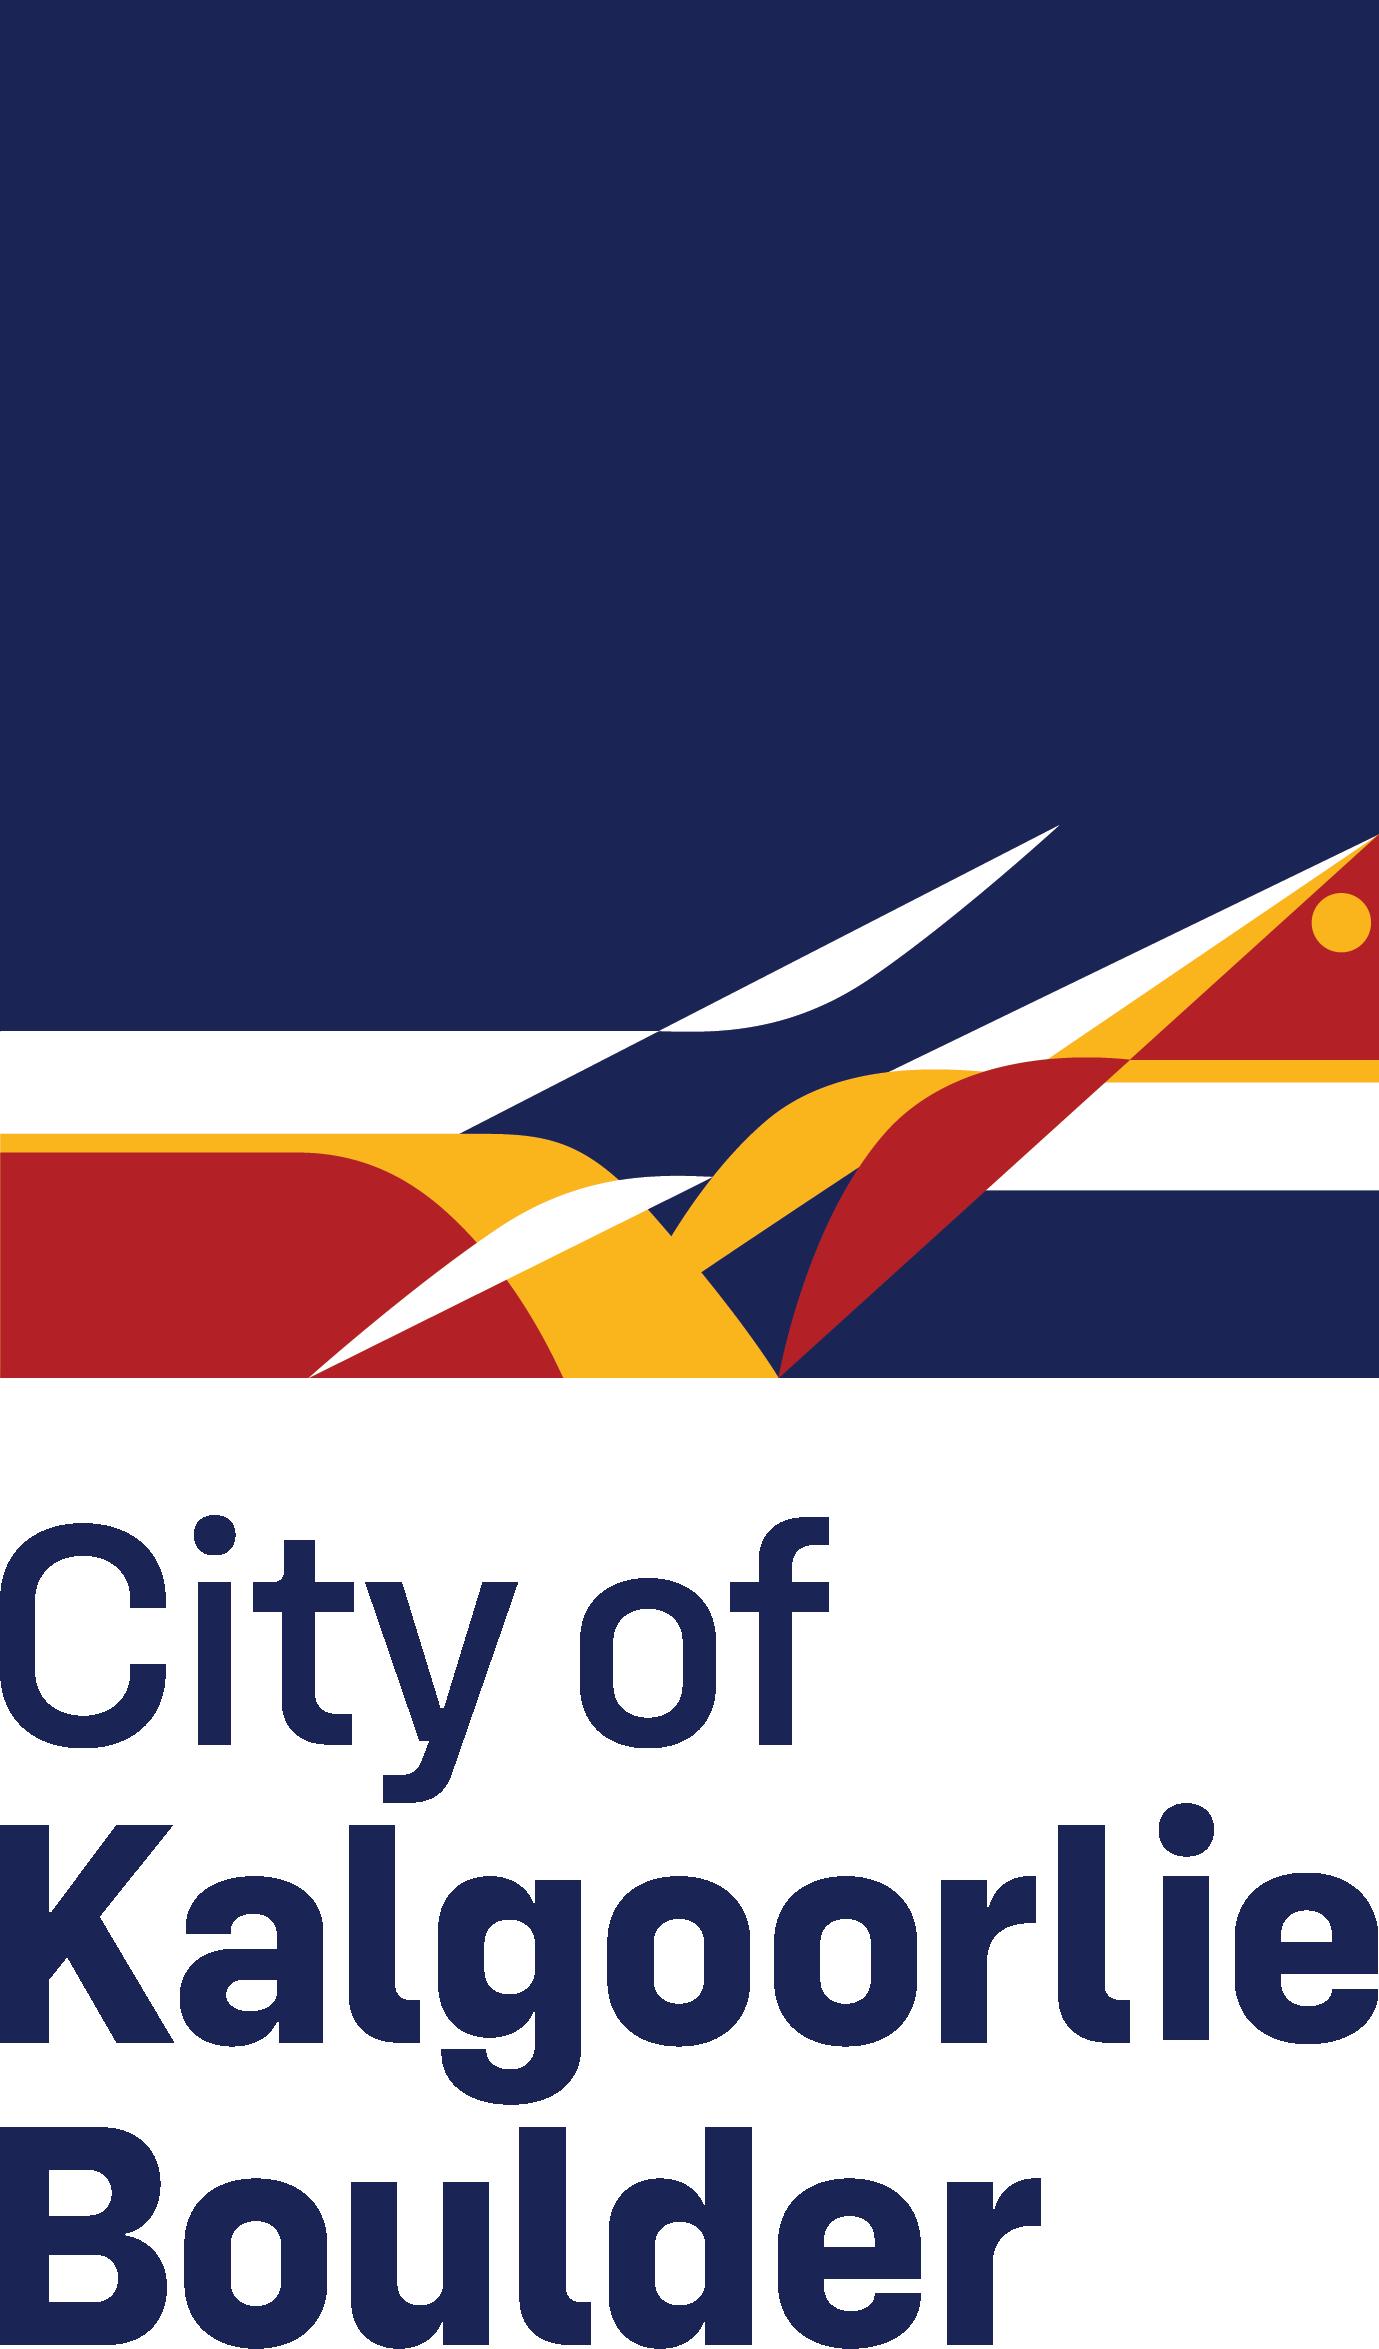 City of Kalgoorlie Boulder